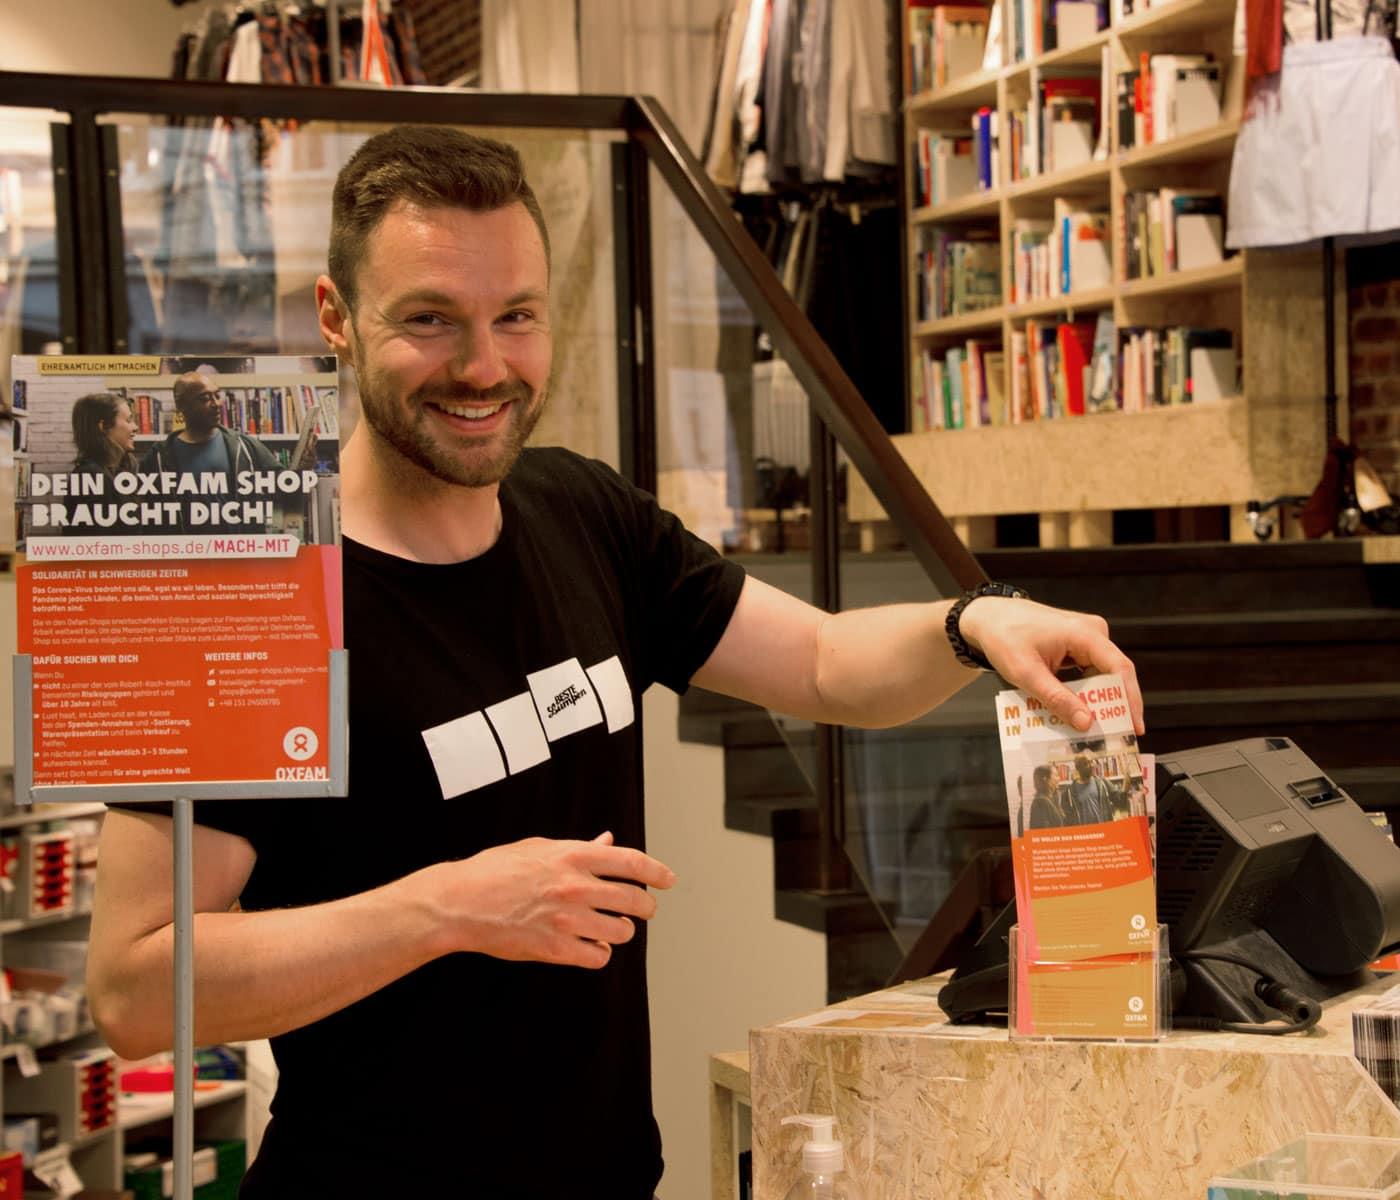 Ehrenamtlich helfen bei Oxfam in Berlin // HIMBEER